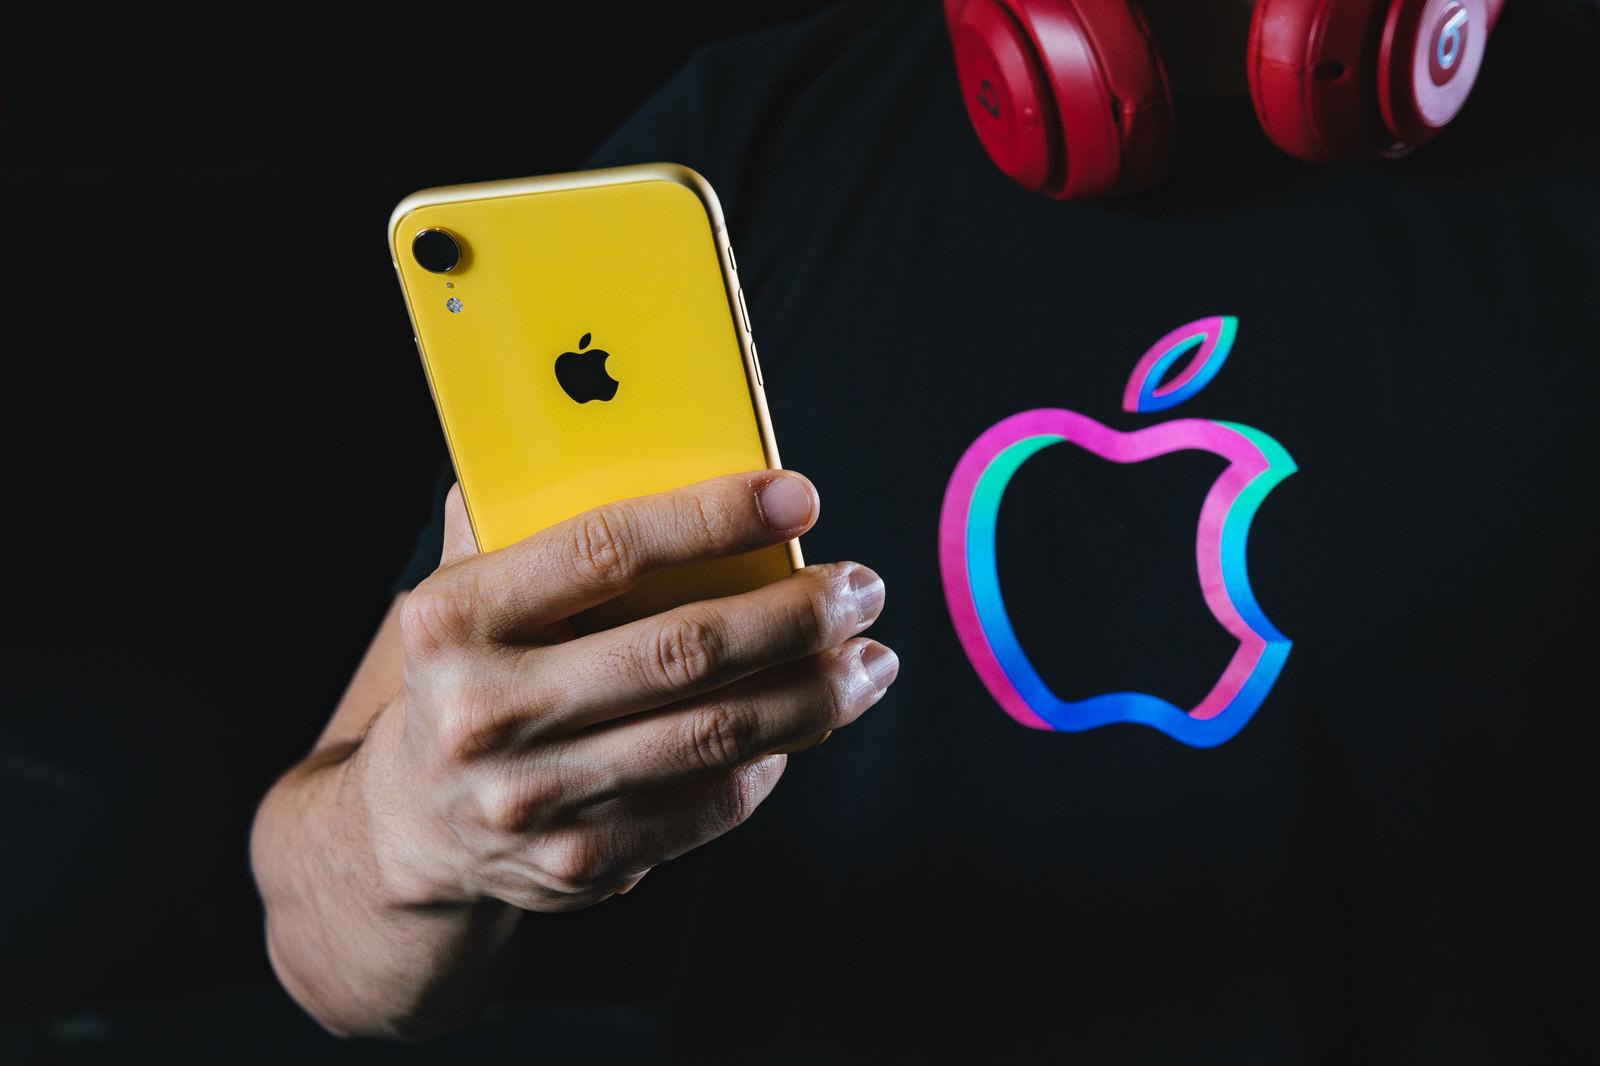 「iPhone XR は片手操作が楽 | 写真の無料素材・フリー素材 - ぱくたそ」の写真